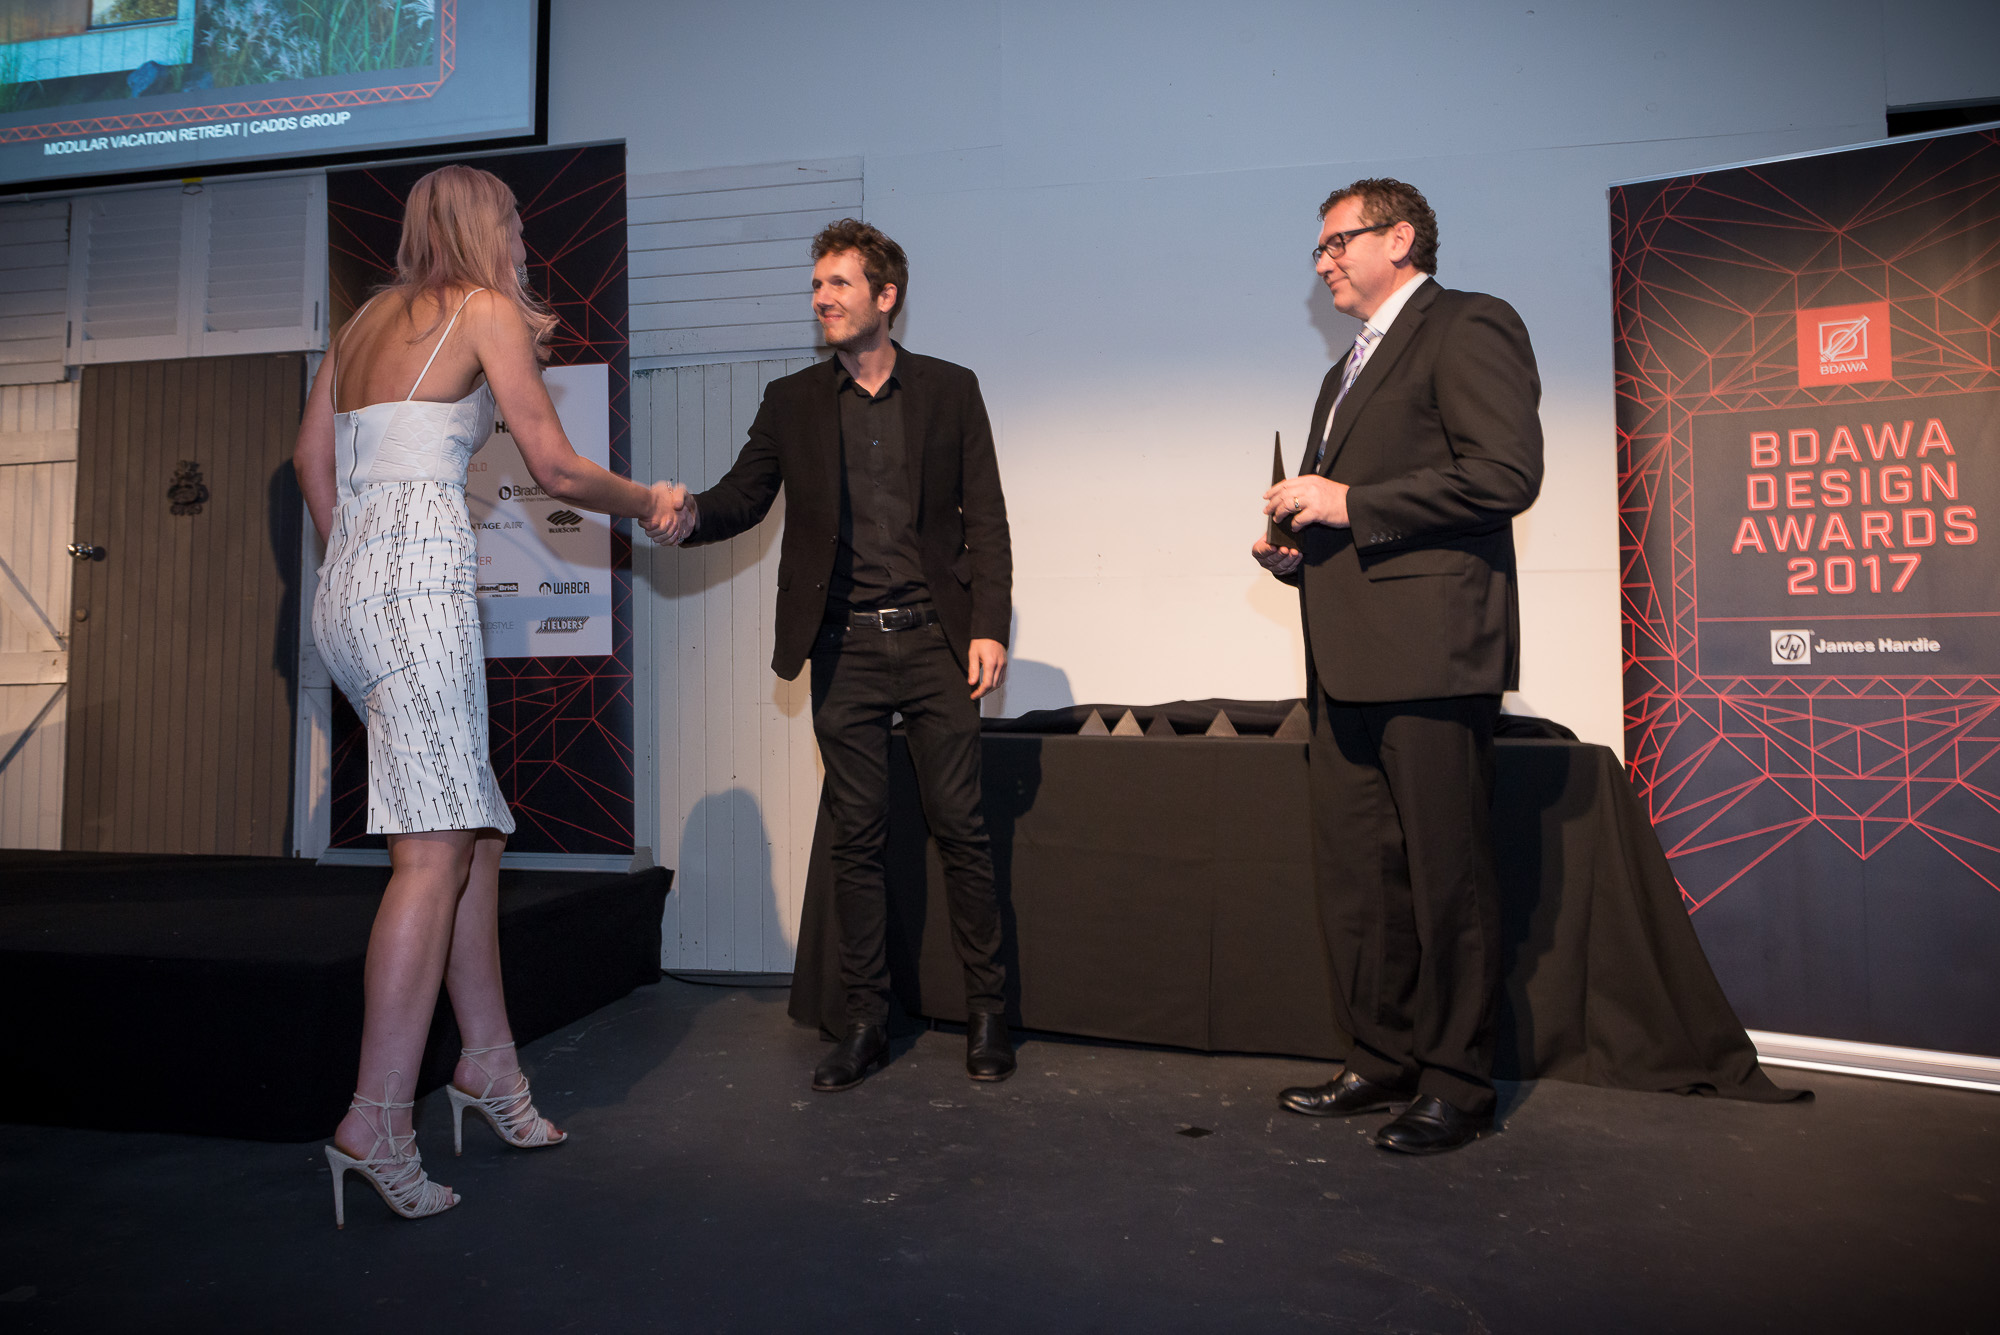 0193 BDA WA Awards 2017 _JHG7497.jpg